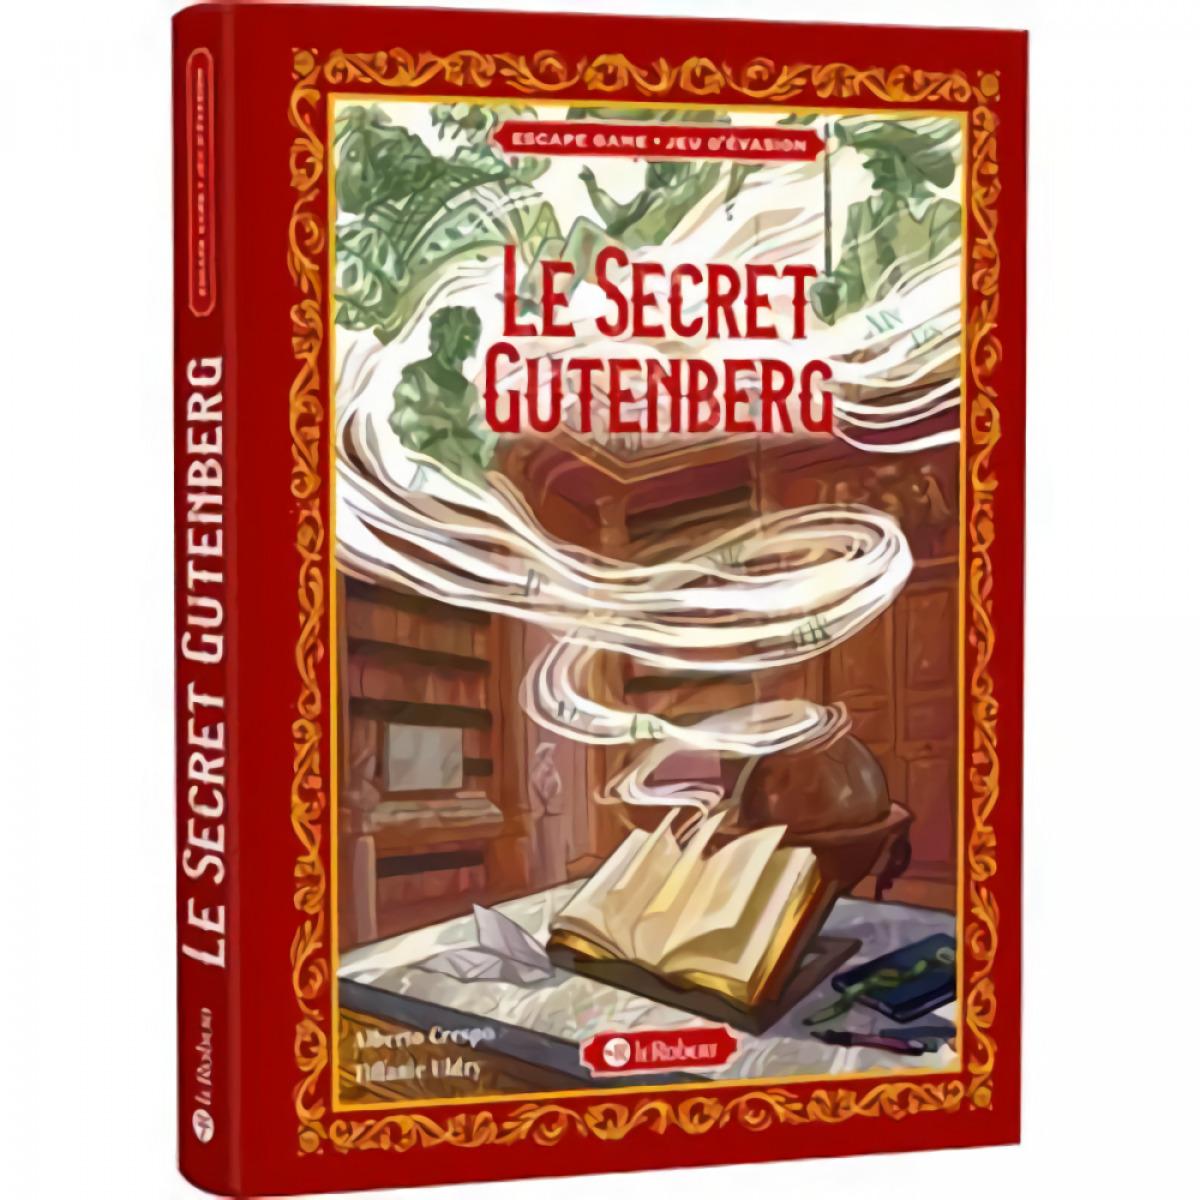 LE SECRET GUTENBERG (ESCAPE GAME)